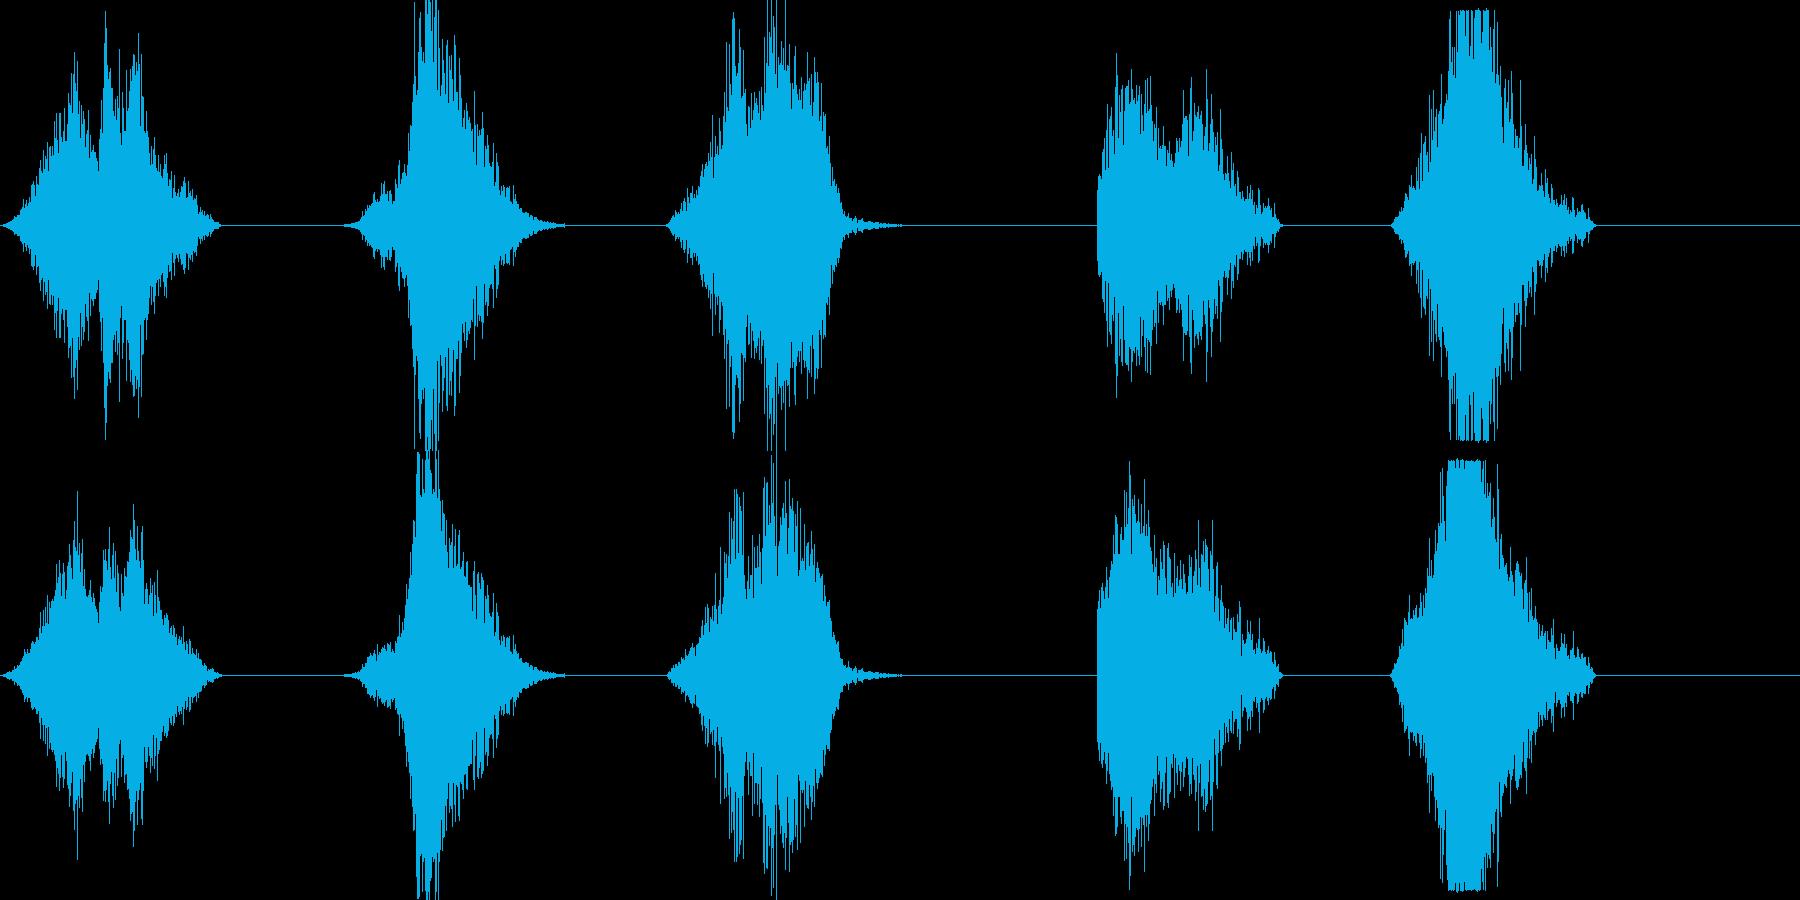 Whoosh-bys X5の再生済みの波形